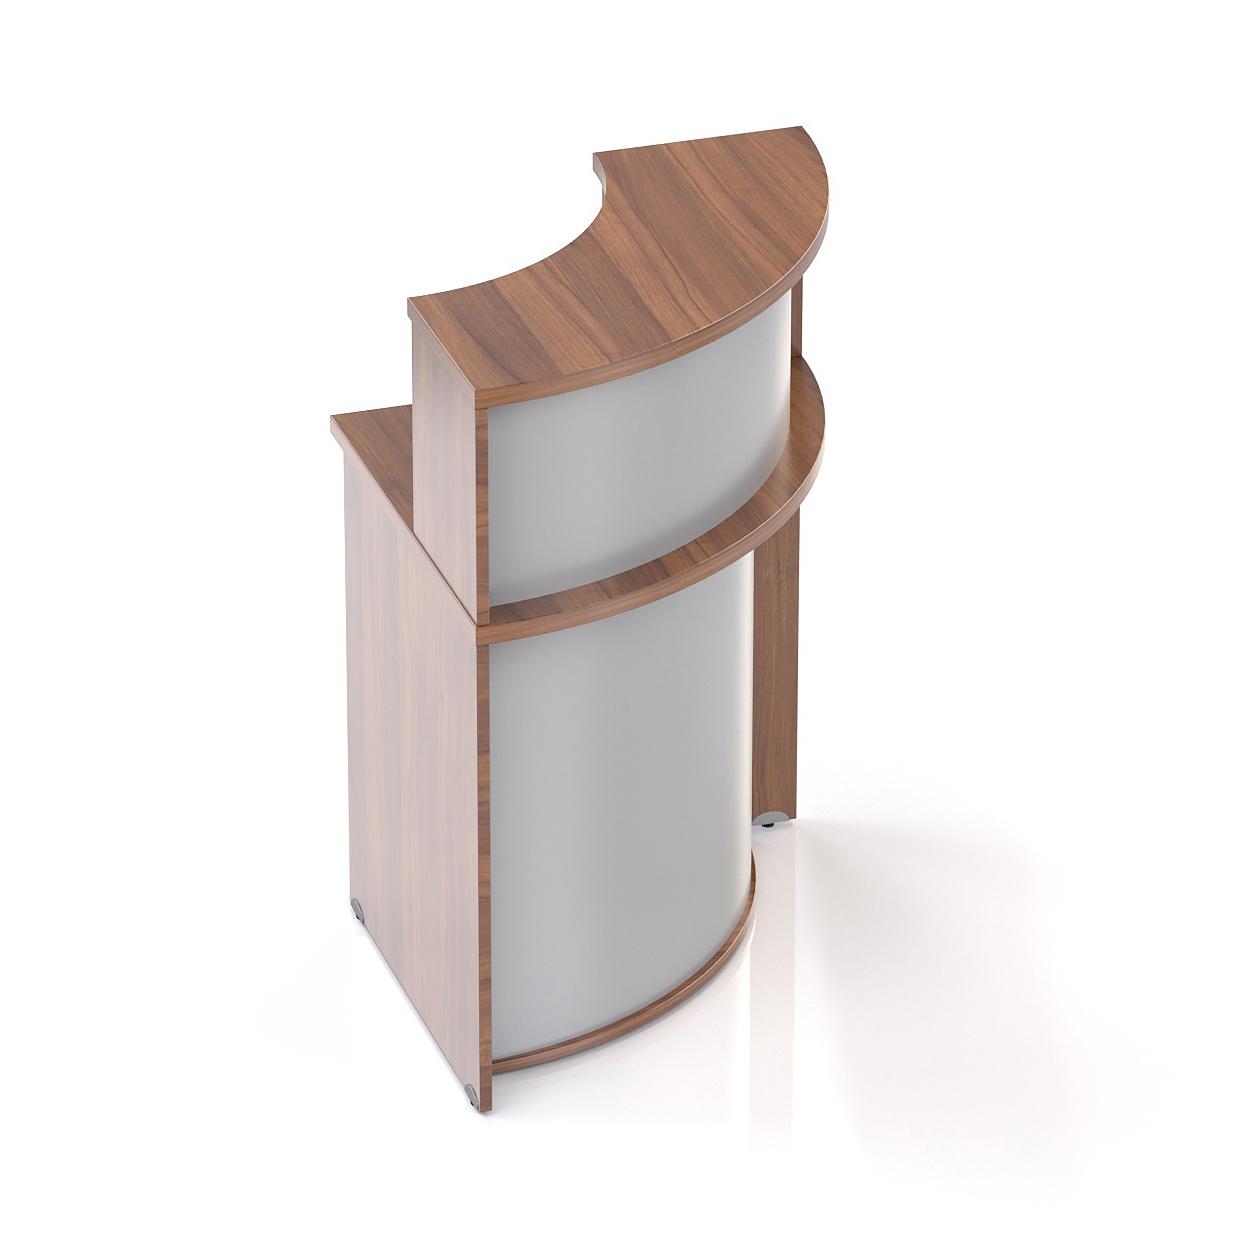 Recepčný rohový pult s nadstavbou Komfort, 70x70x111 cm - NLKA90 19